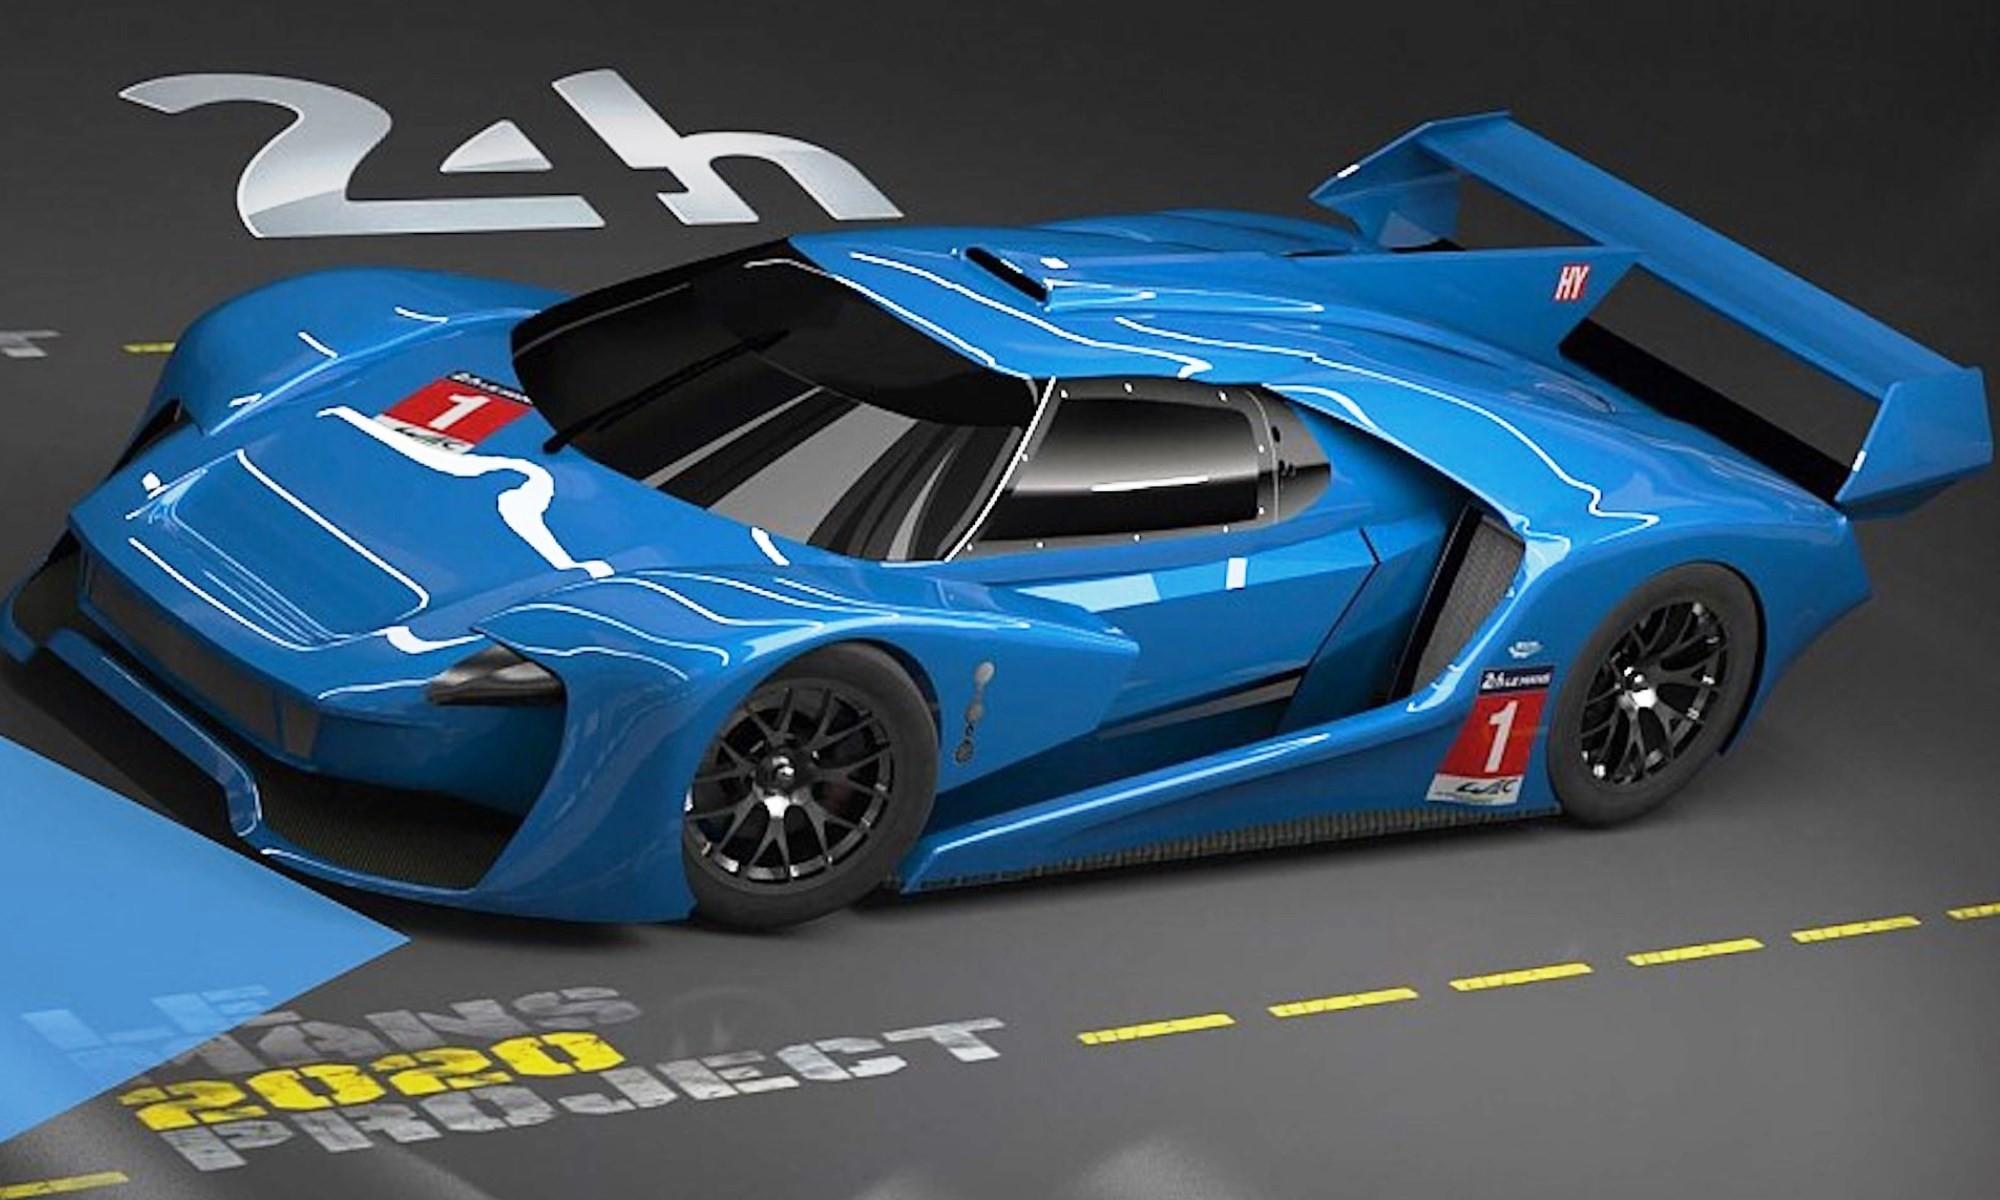 Le Mans Hypercar Rules